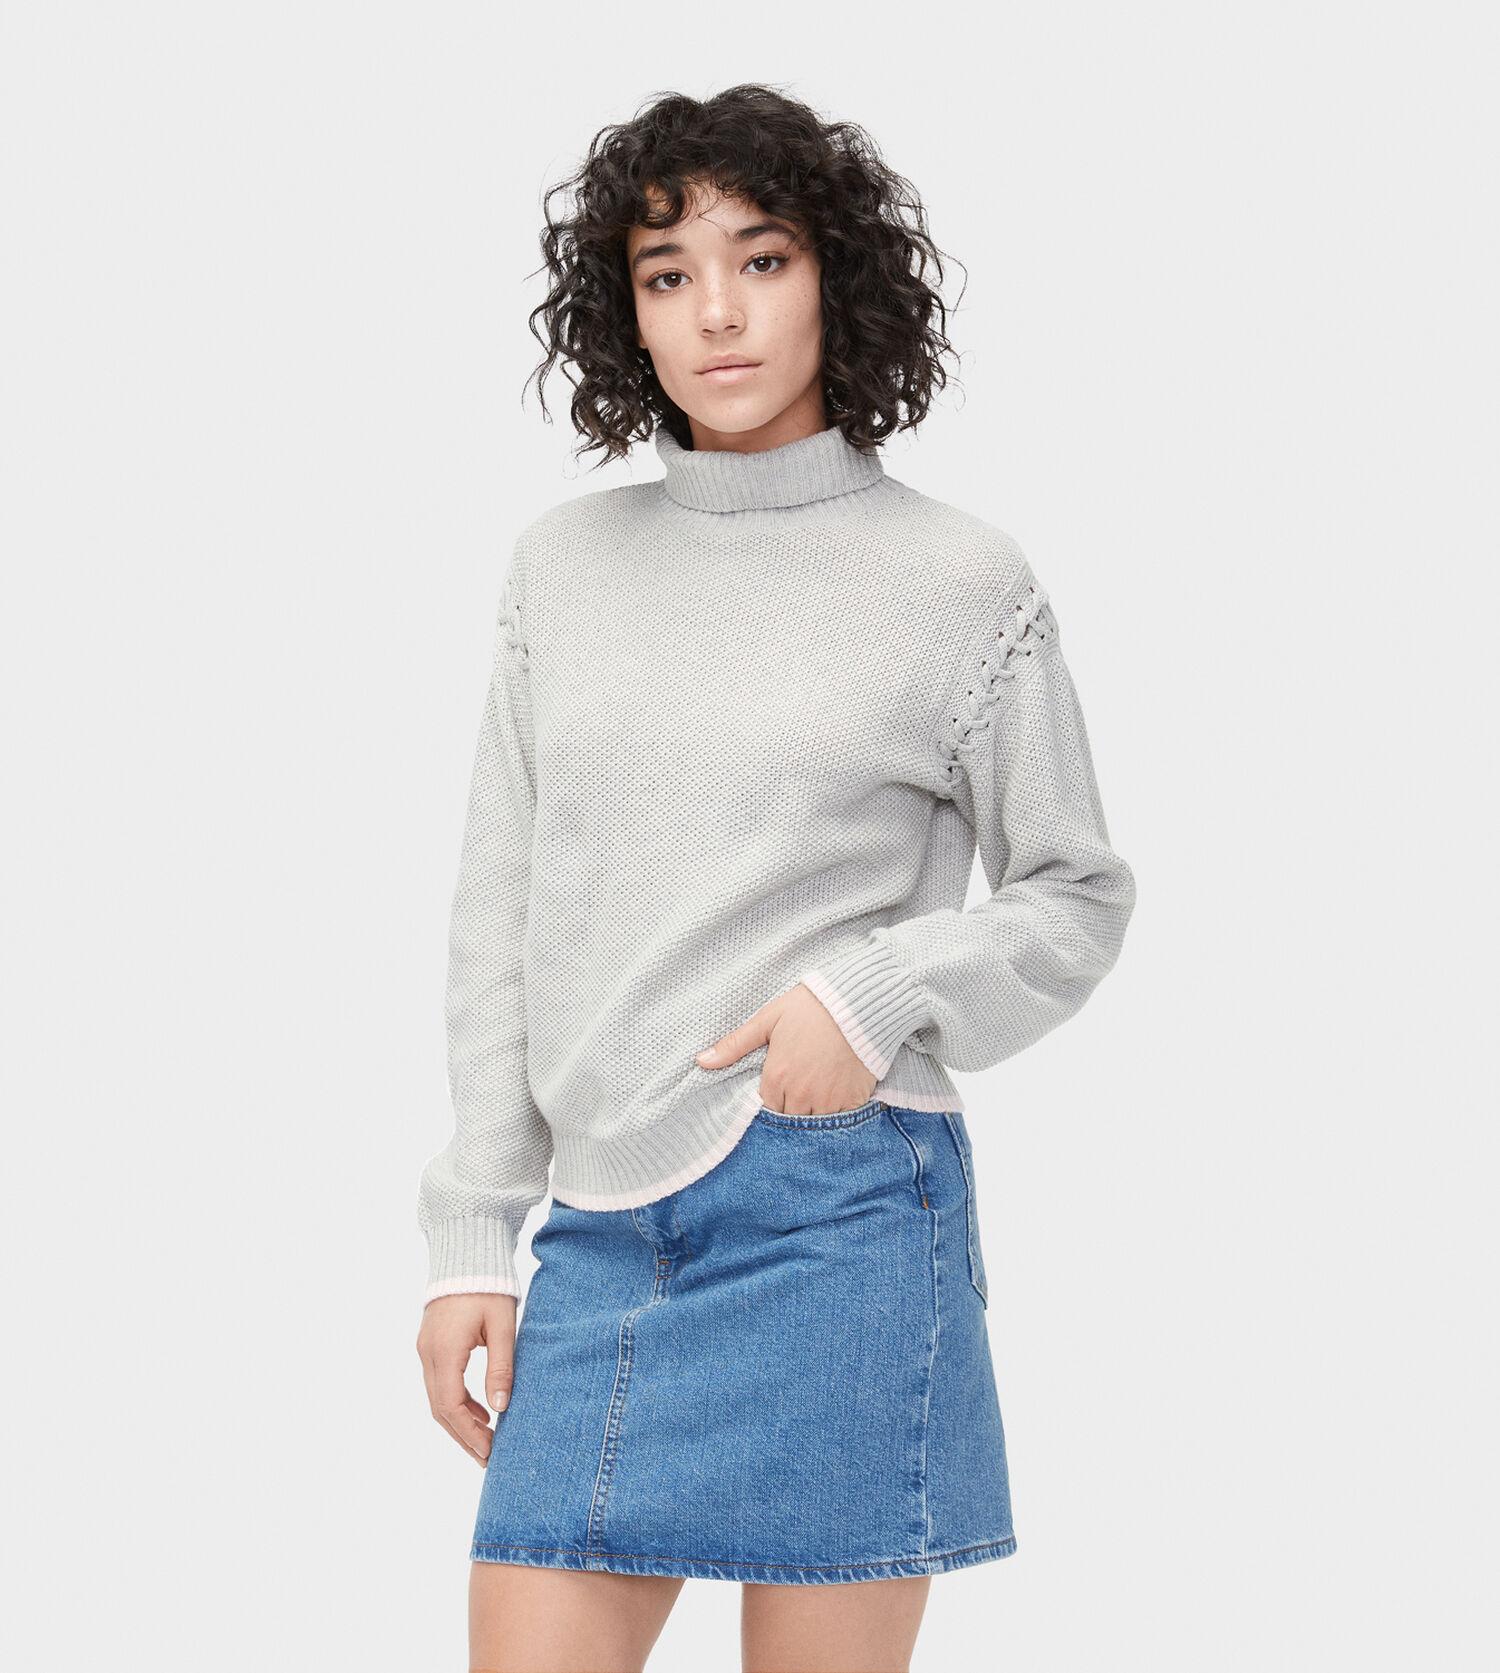 0f6eae9bbb6 Zoom Gisele Turtleneck Sweater - Image 1 of 4